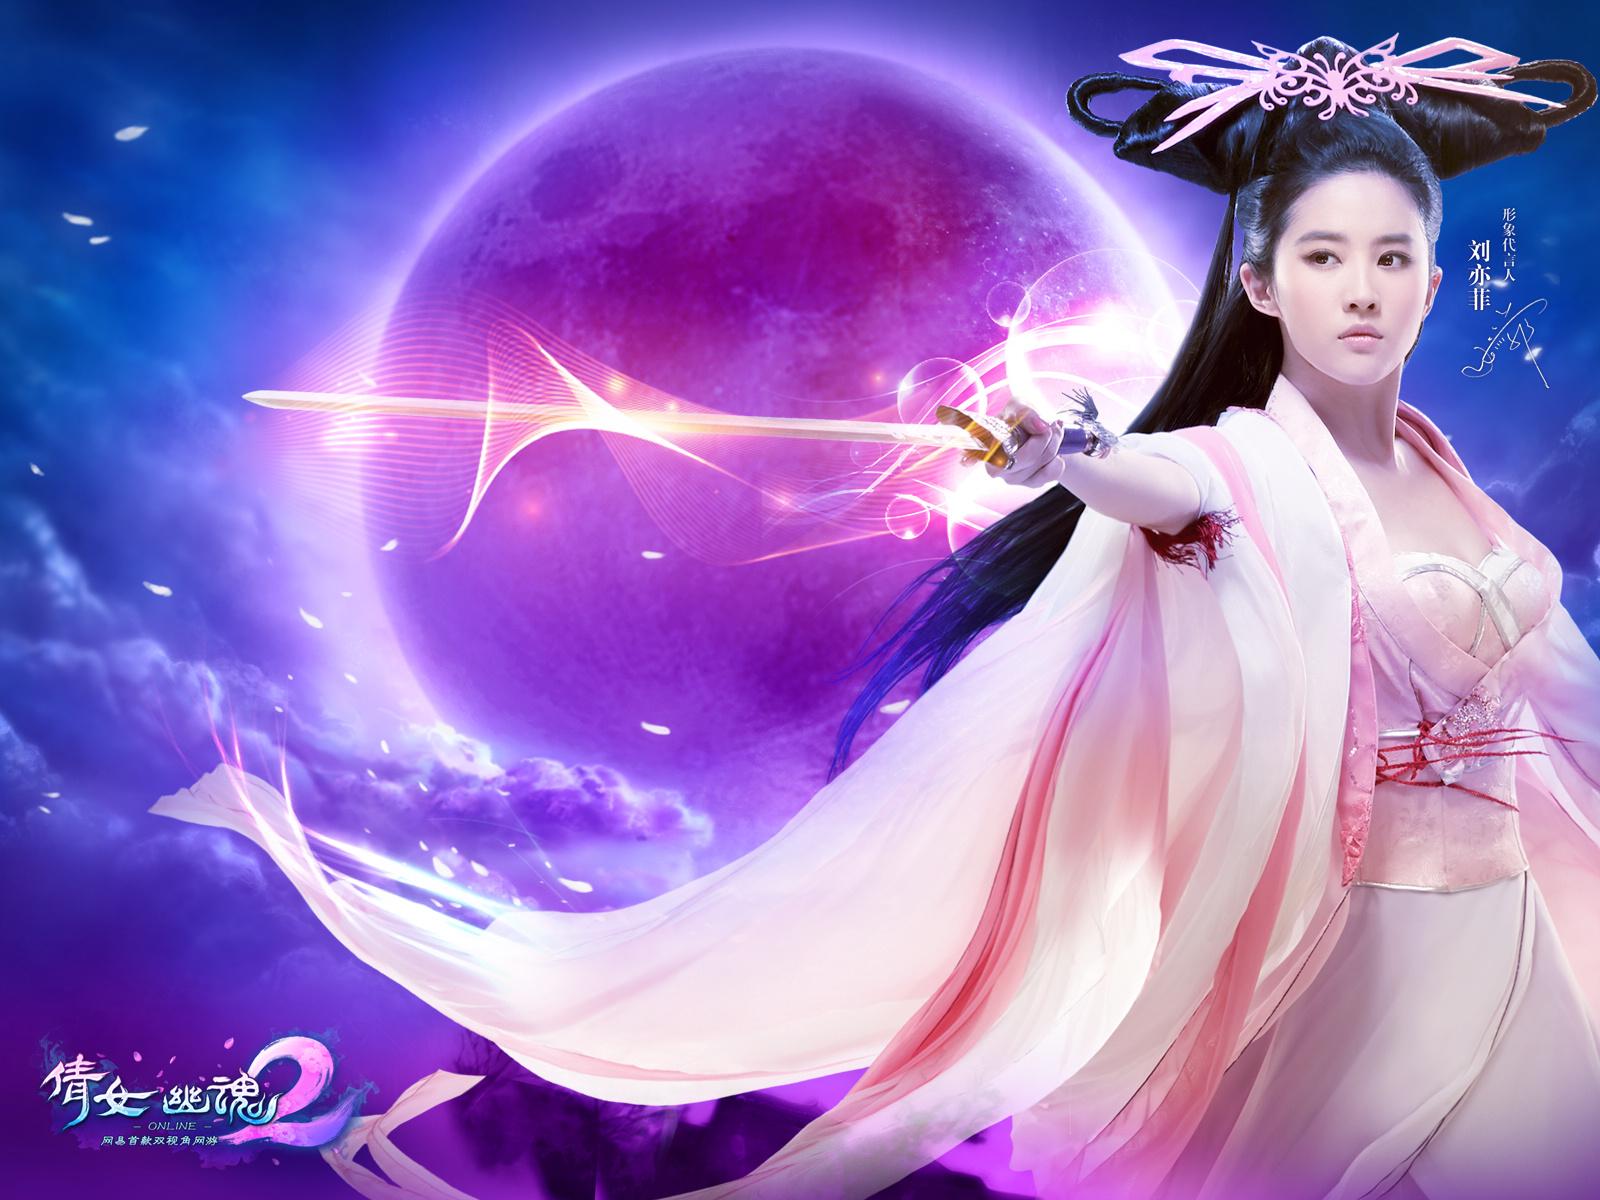 刘亦菲代言倩女幽魂2壁纸大全